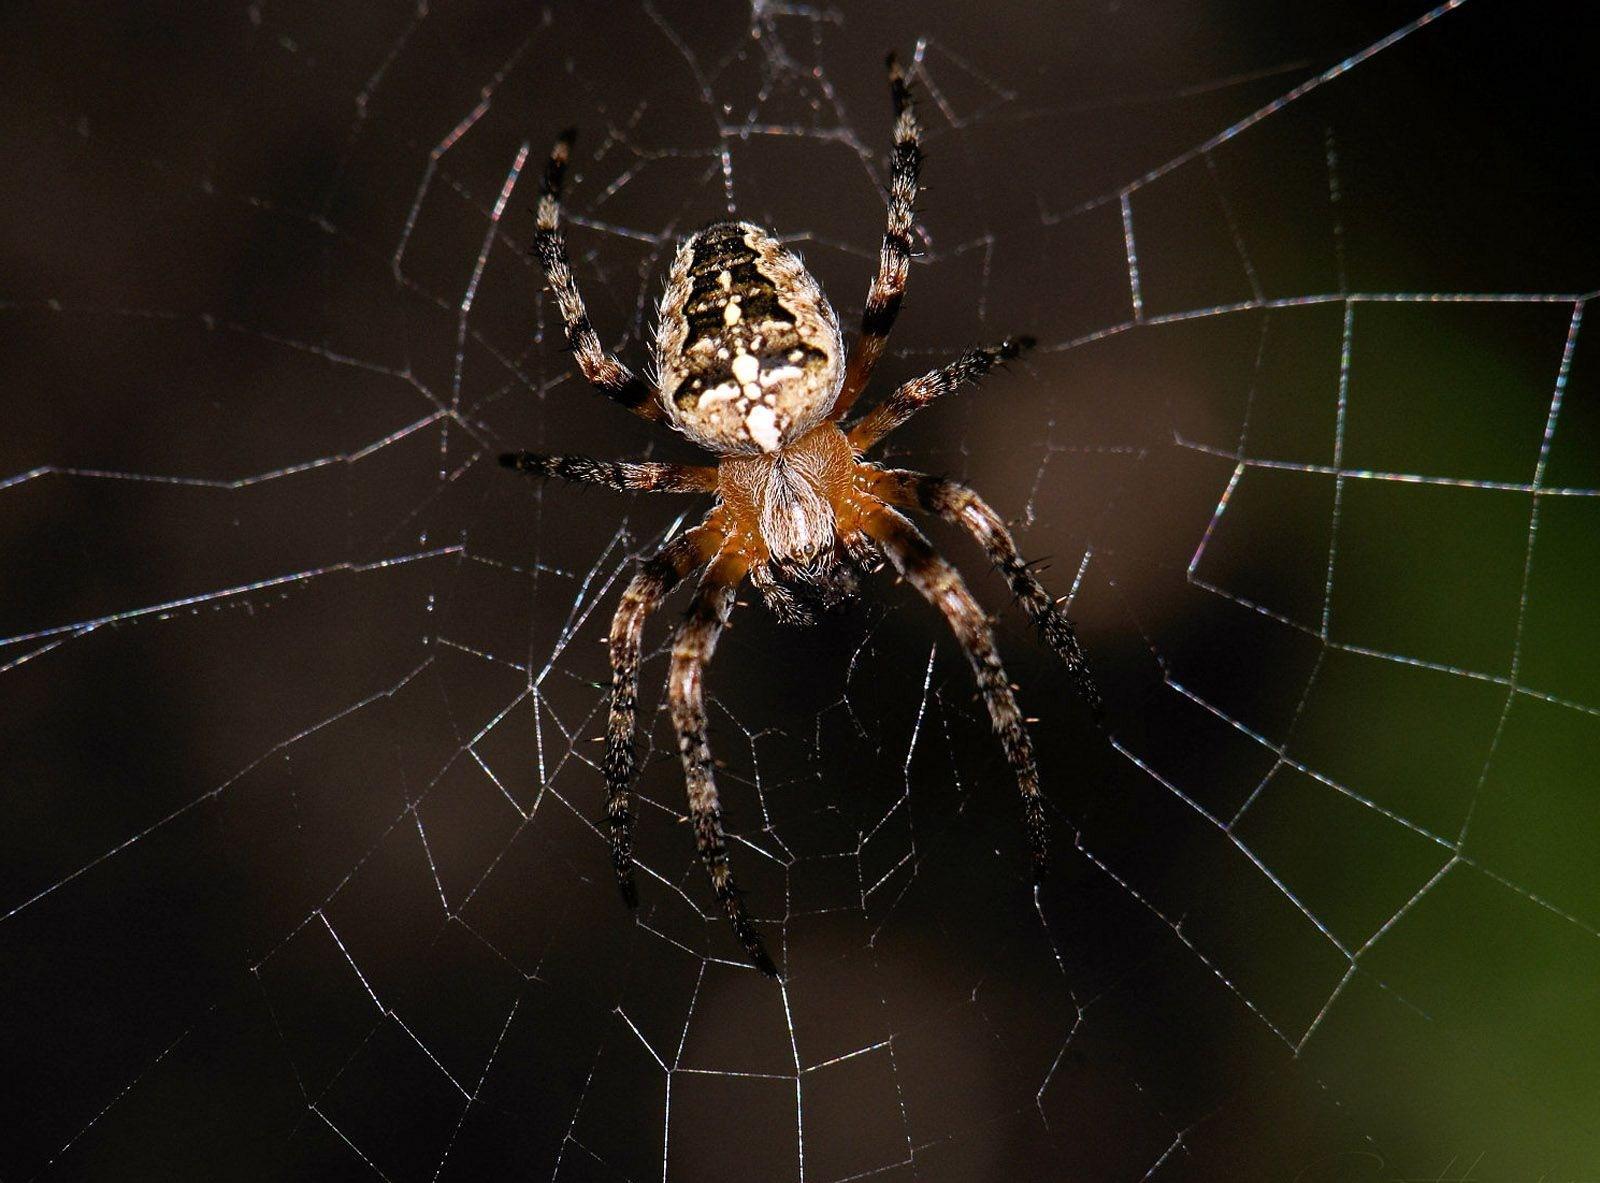 Нежелательные гости в доме — пауки: как избавиться и больше не допускать